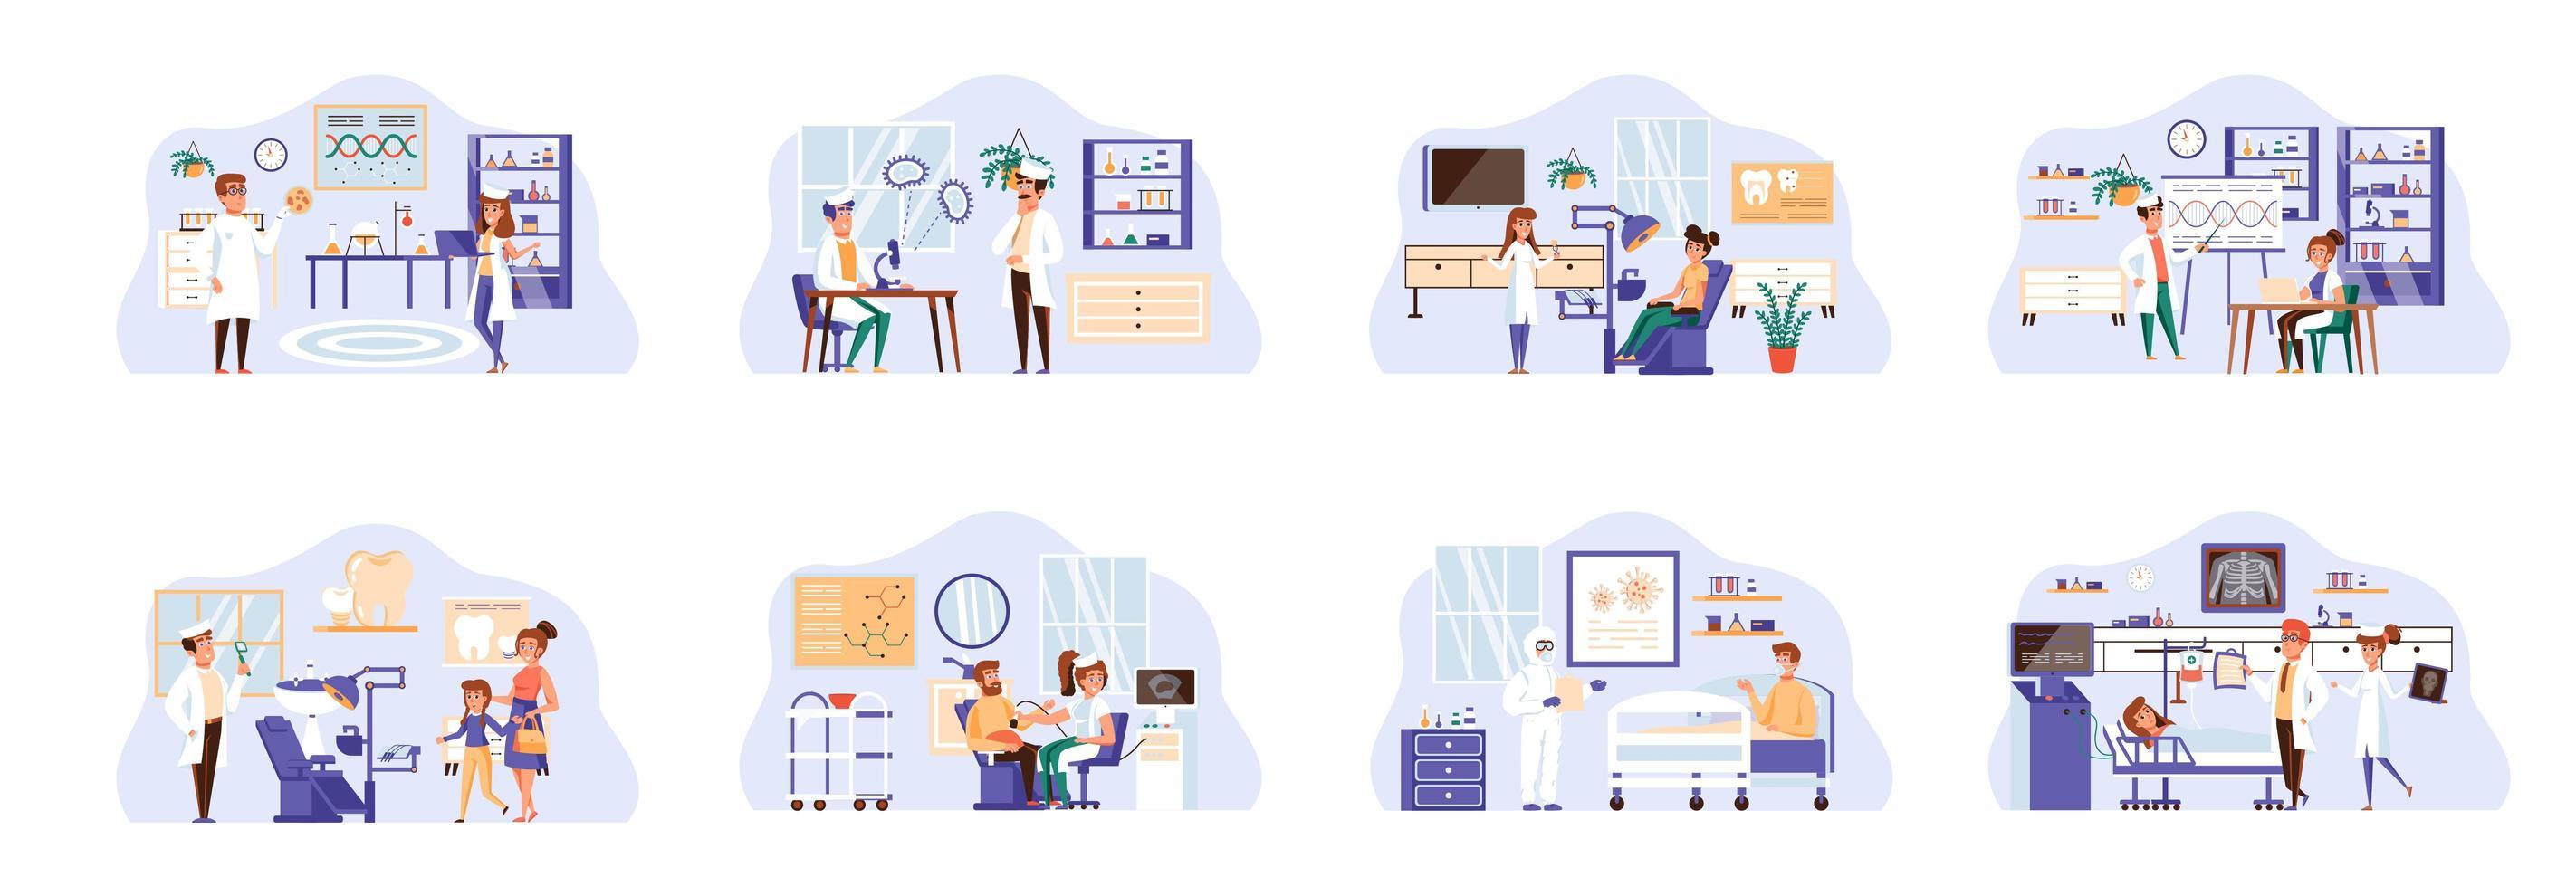 medische zorgbundel van scènes met personenpersonages. vector